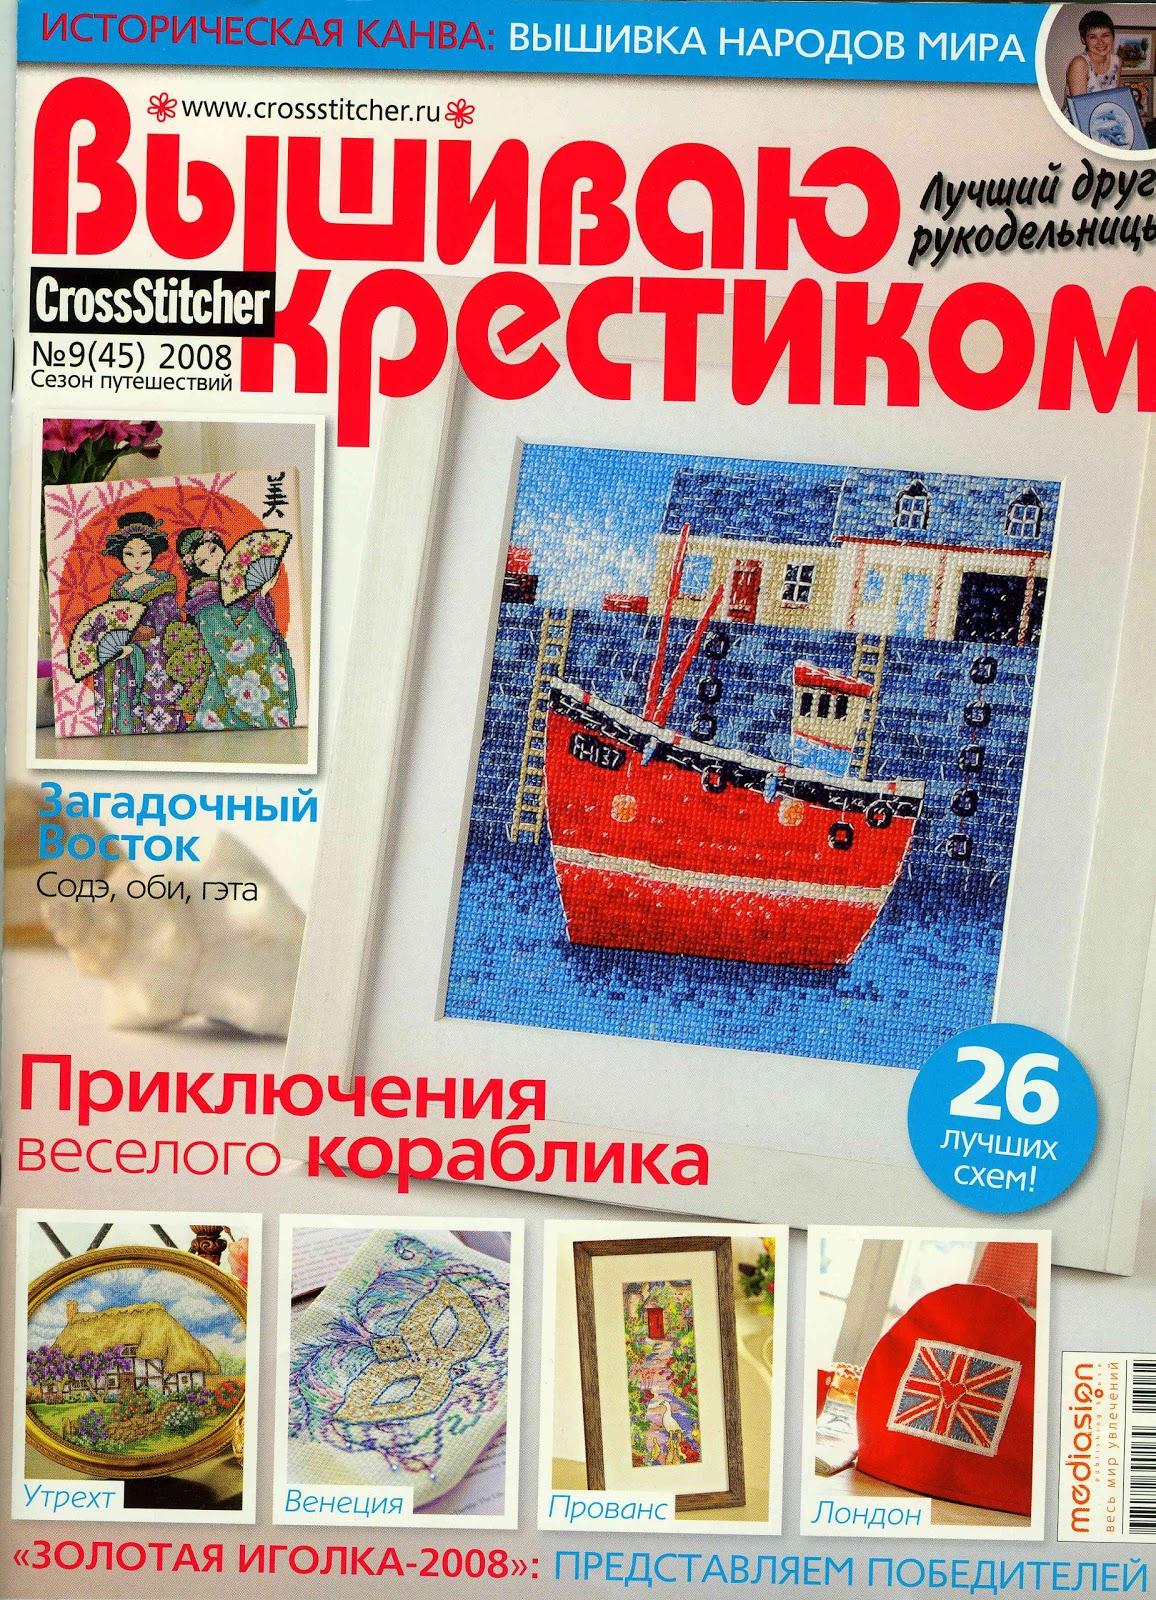 Журнал по вышивке крестиком вышивка журналы 93